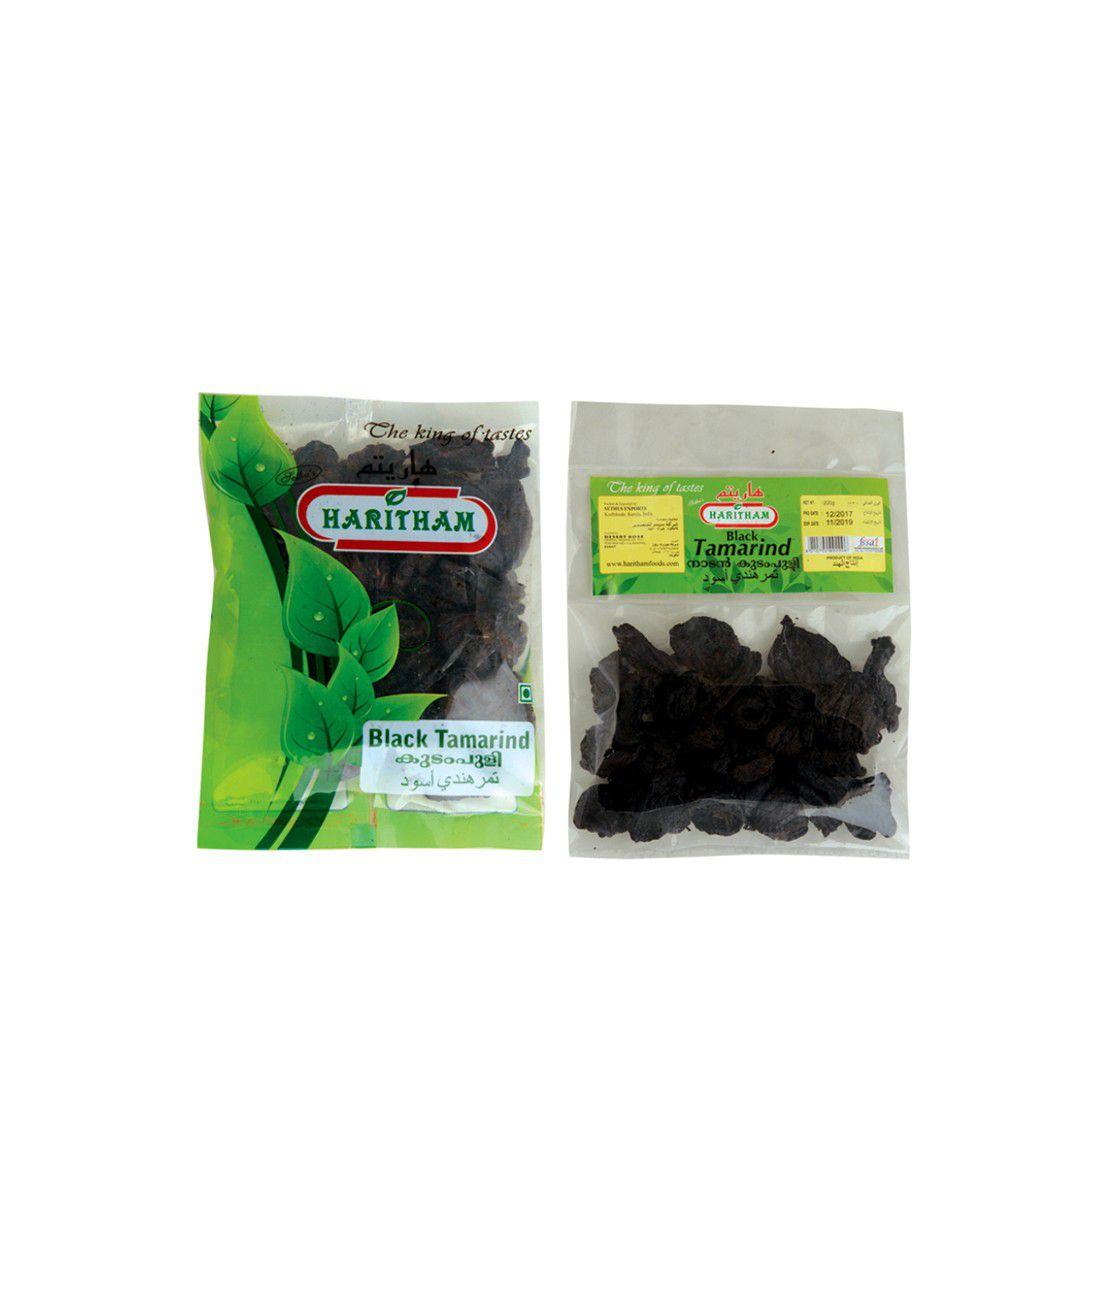 Black Tamarind